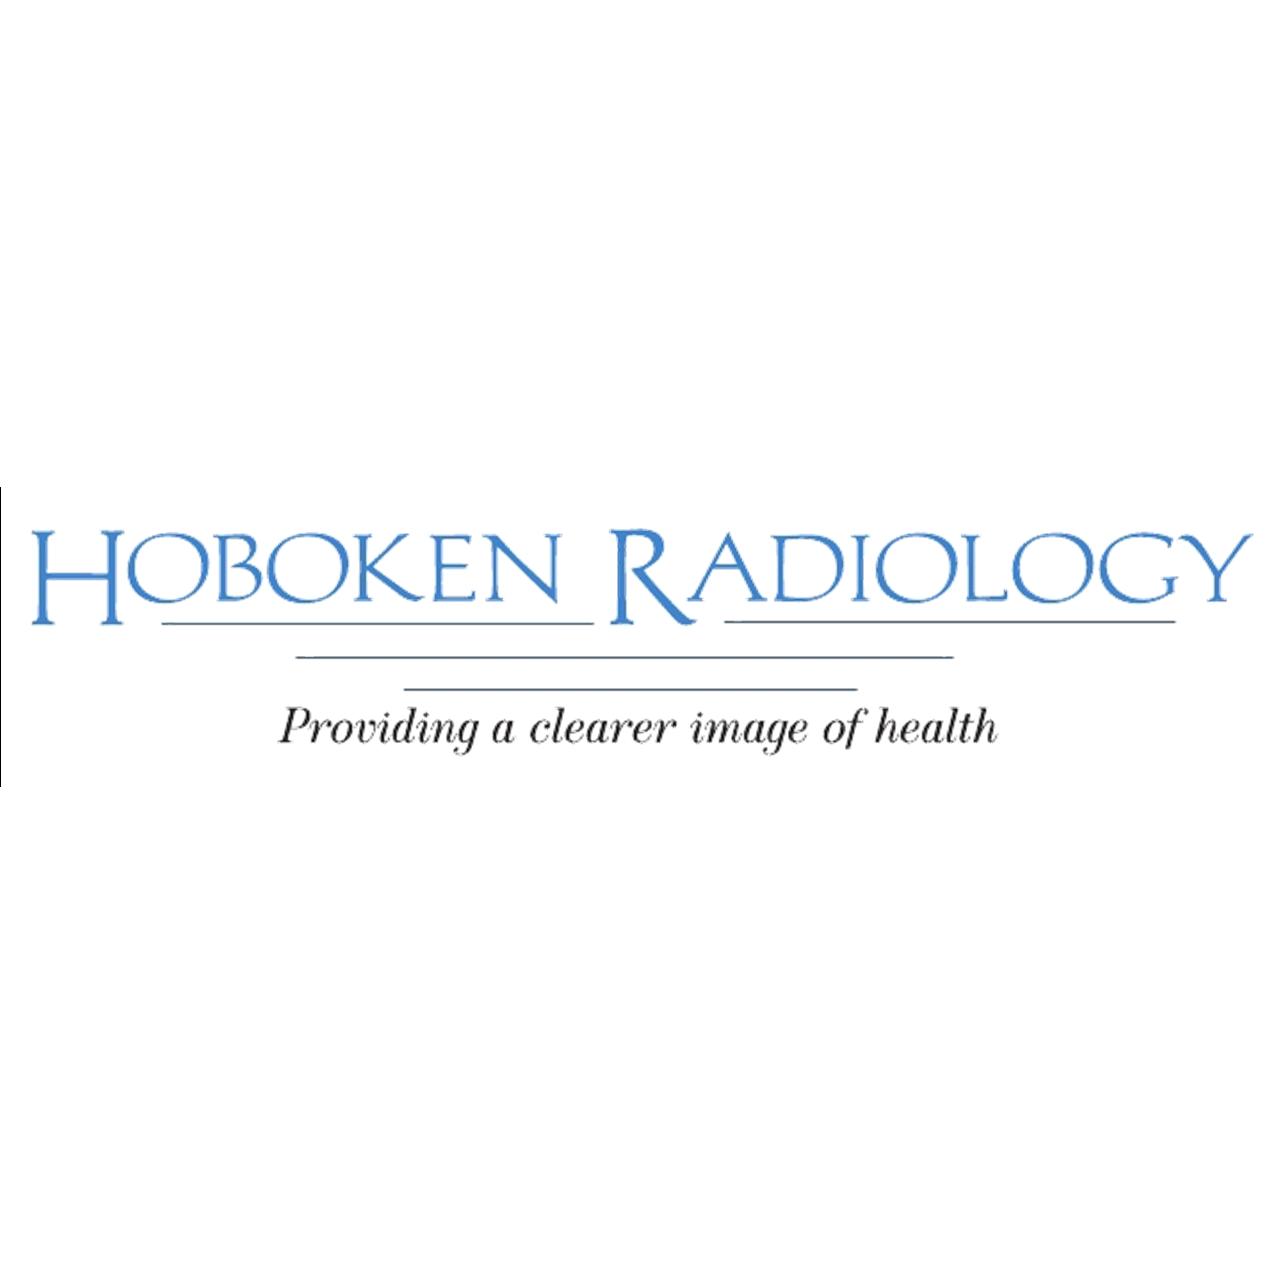 Hoboken Radiology, LLC